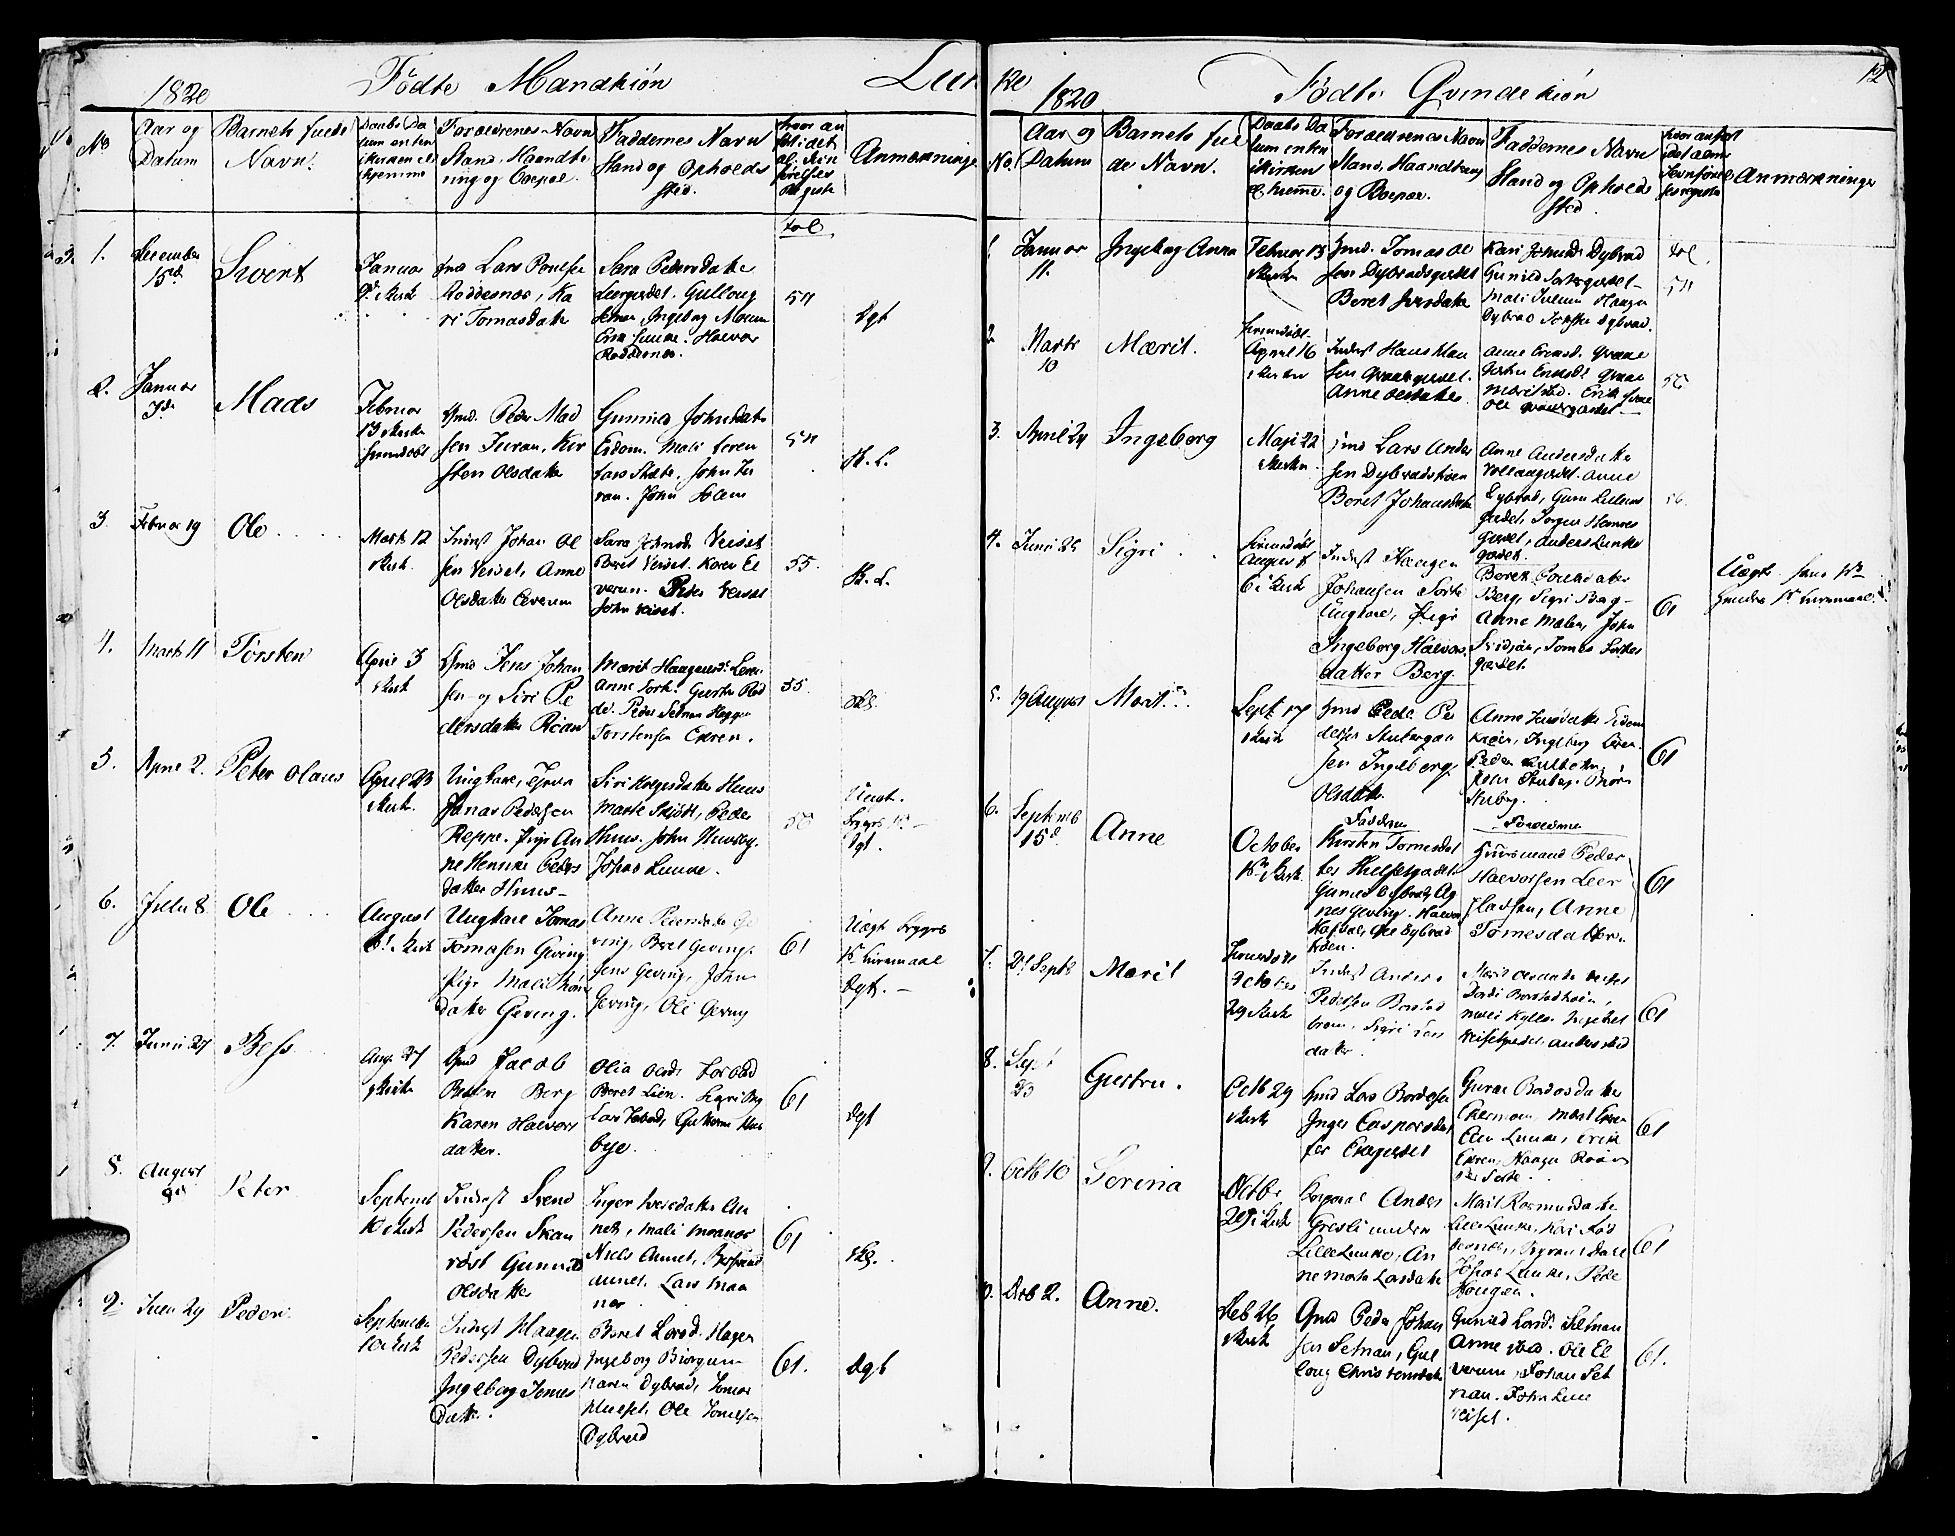 SAT, Ministerialprotokoller, klokkerbøker og fødselsregistre - Nord-Trøndelag, 709/L0065: Ministerialbok nr. 709A09 /3, 1820-1821, s. 12